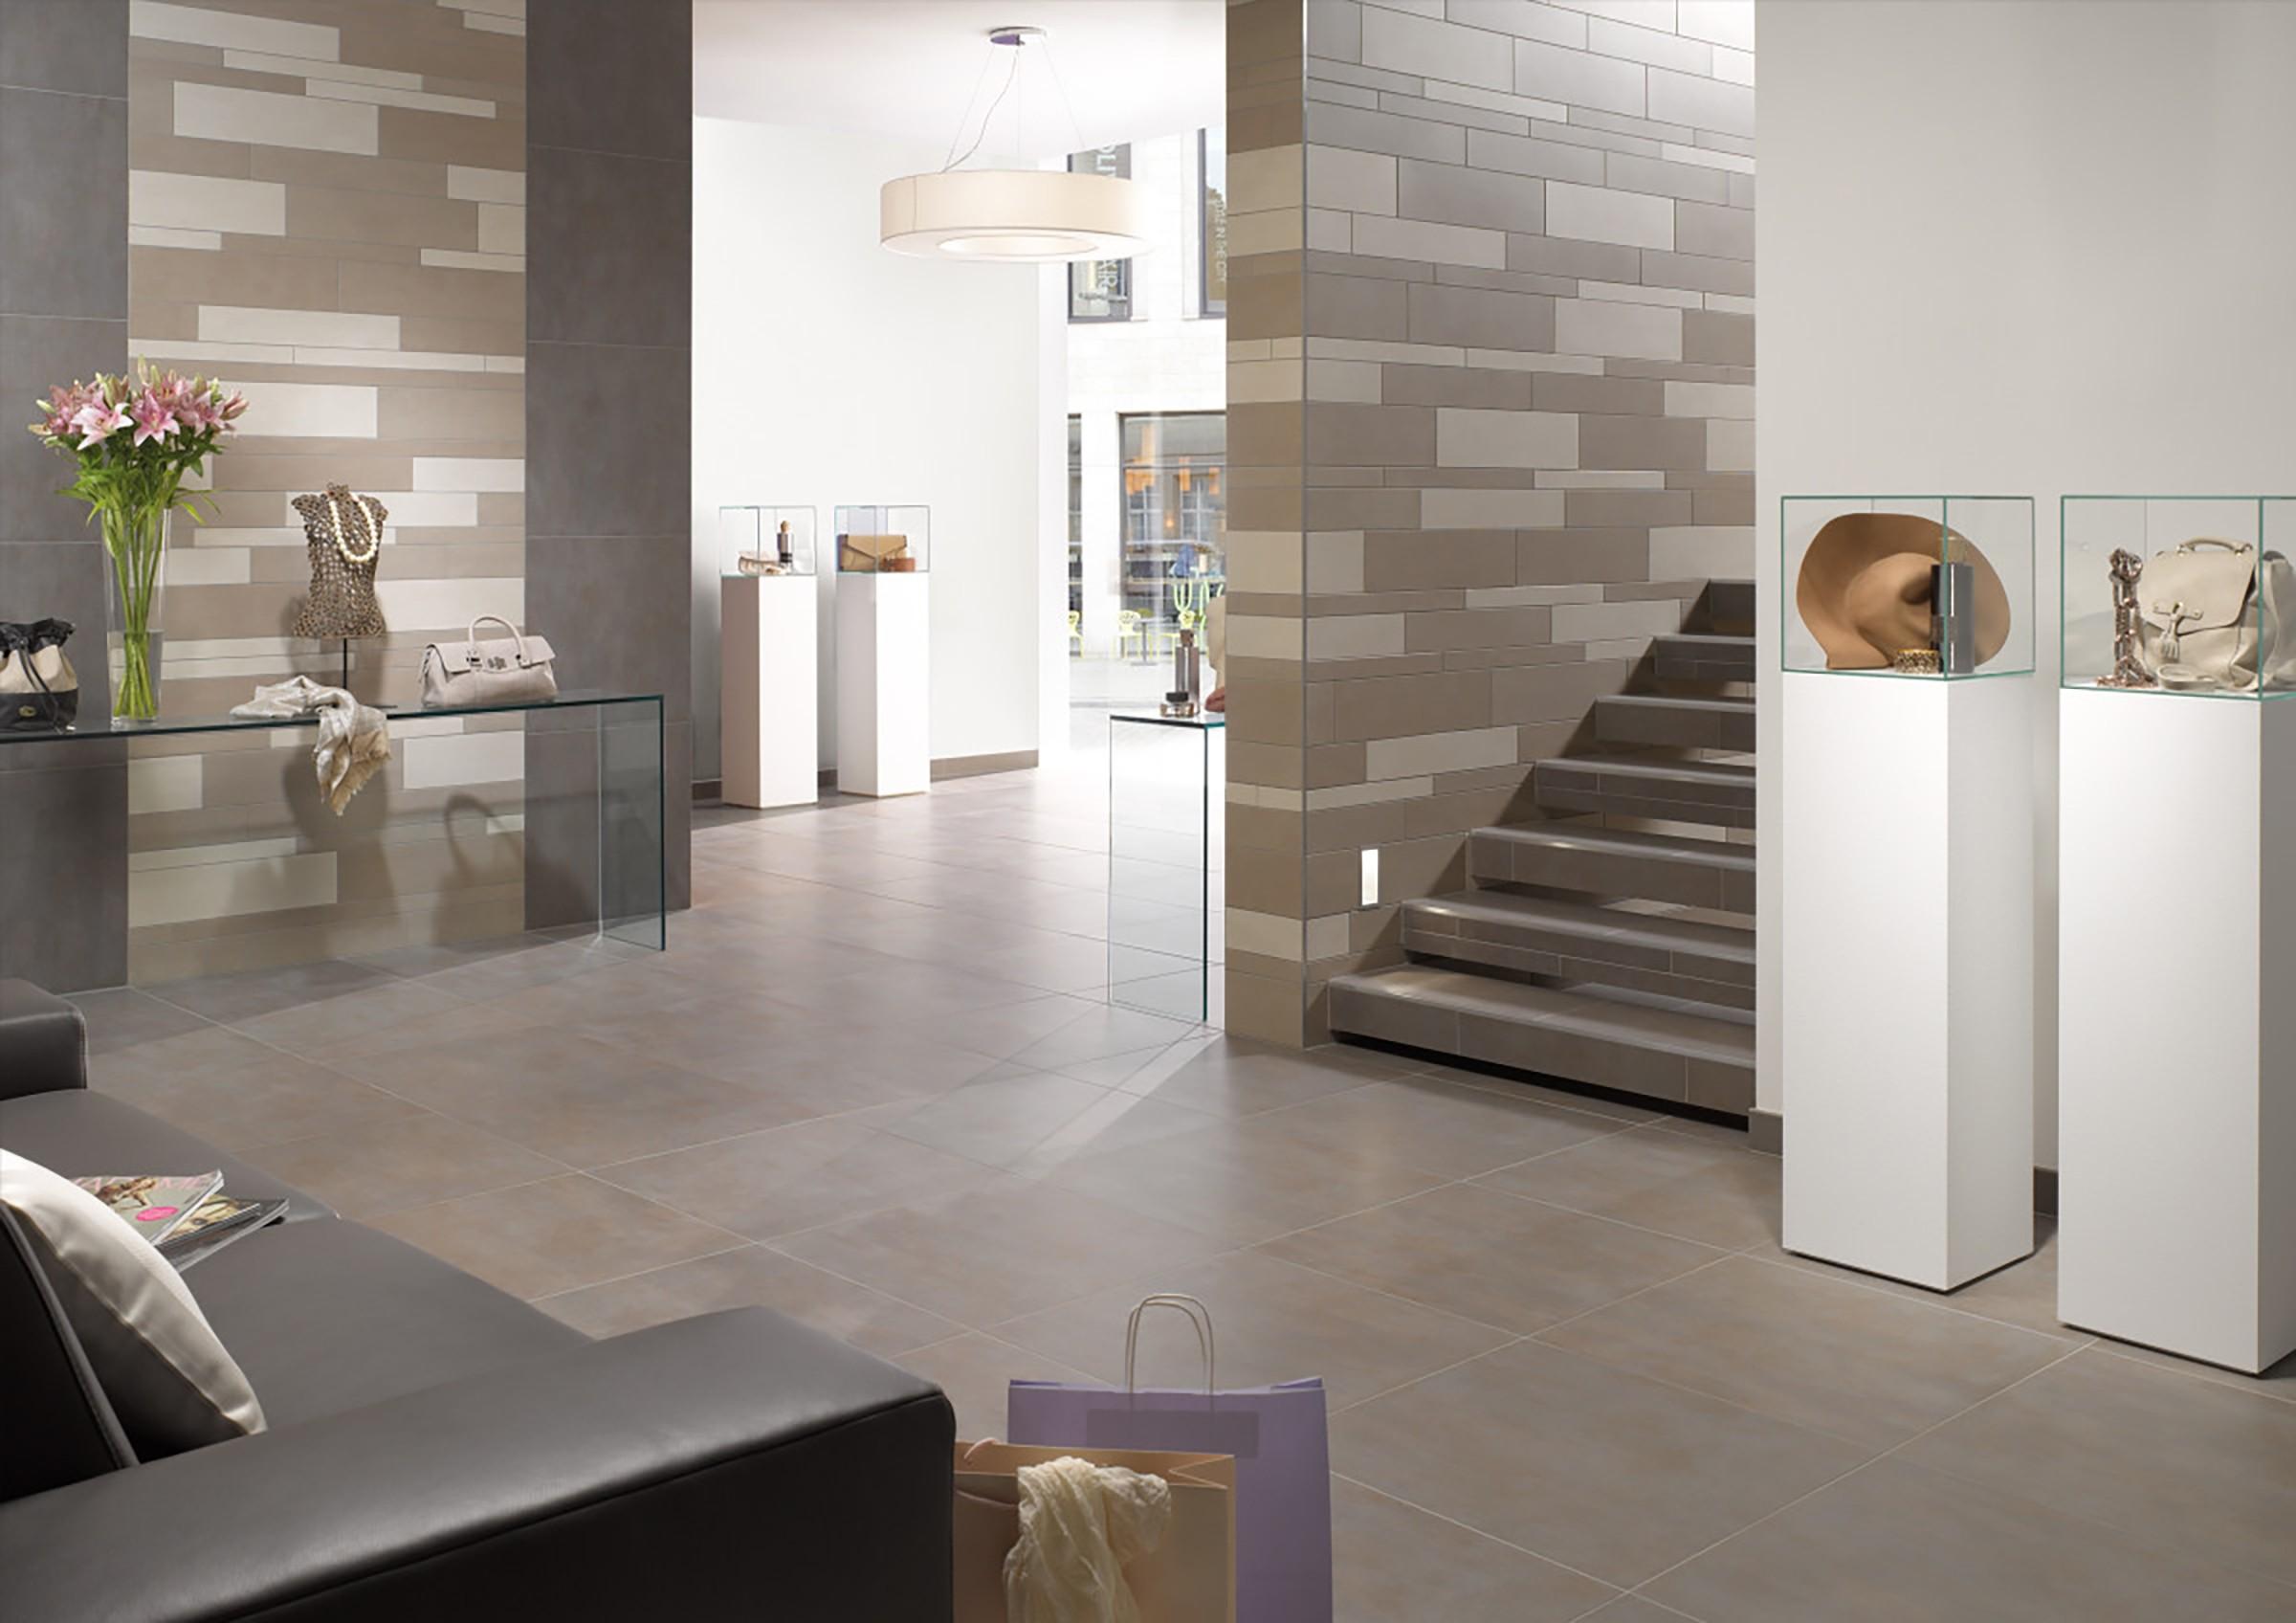 Rak Tegels 60x60 : Earth stone rak ceramics